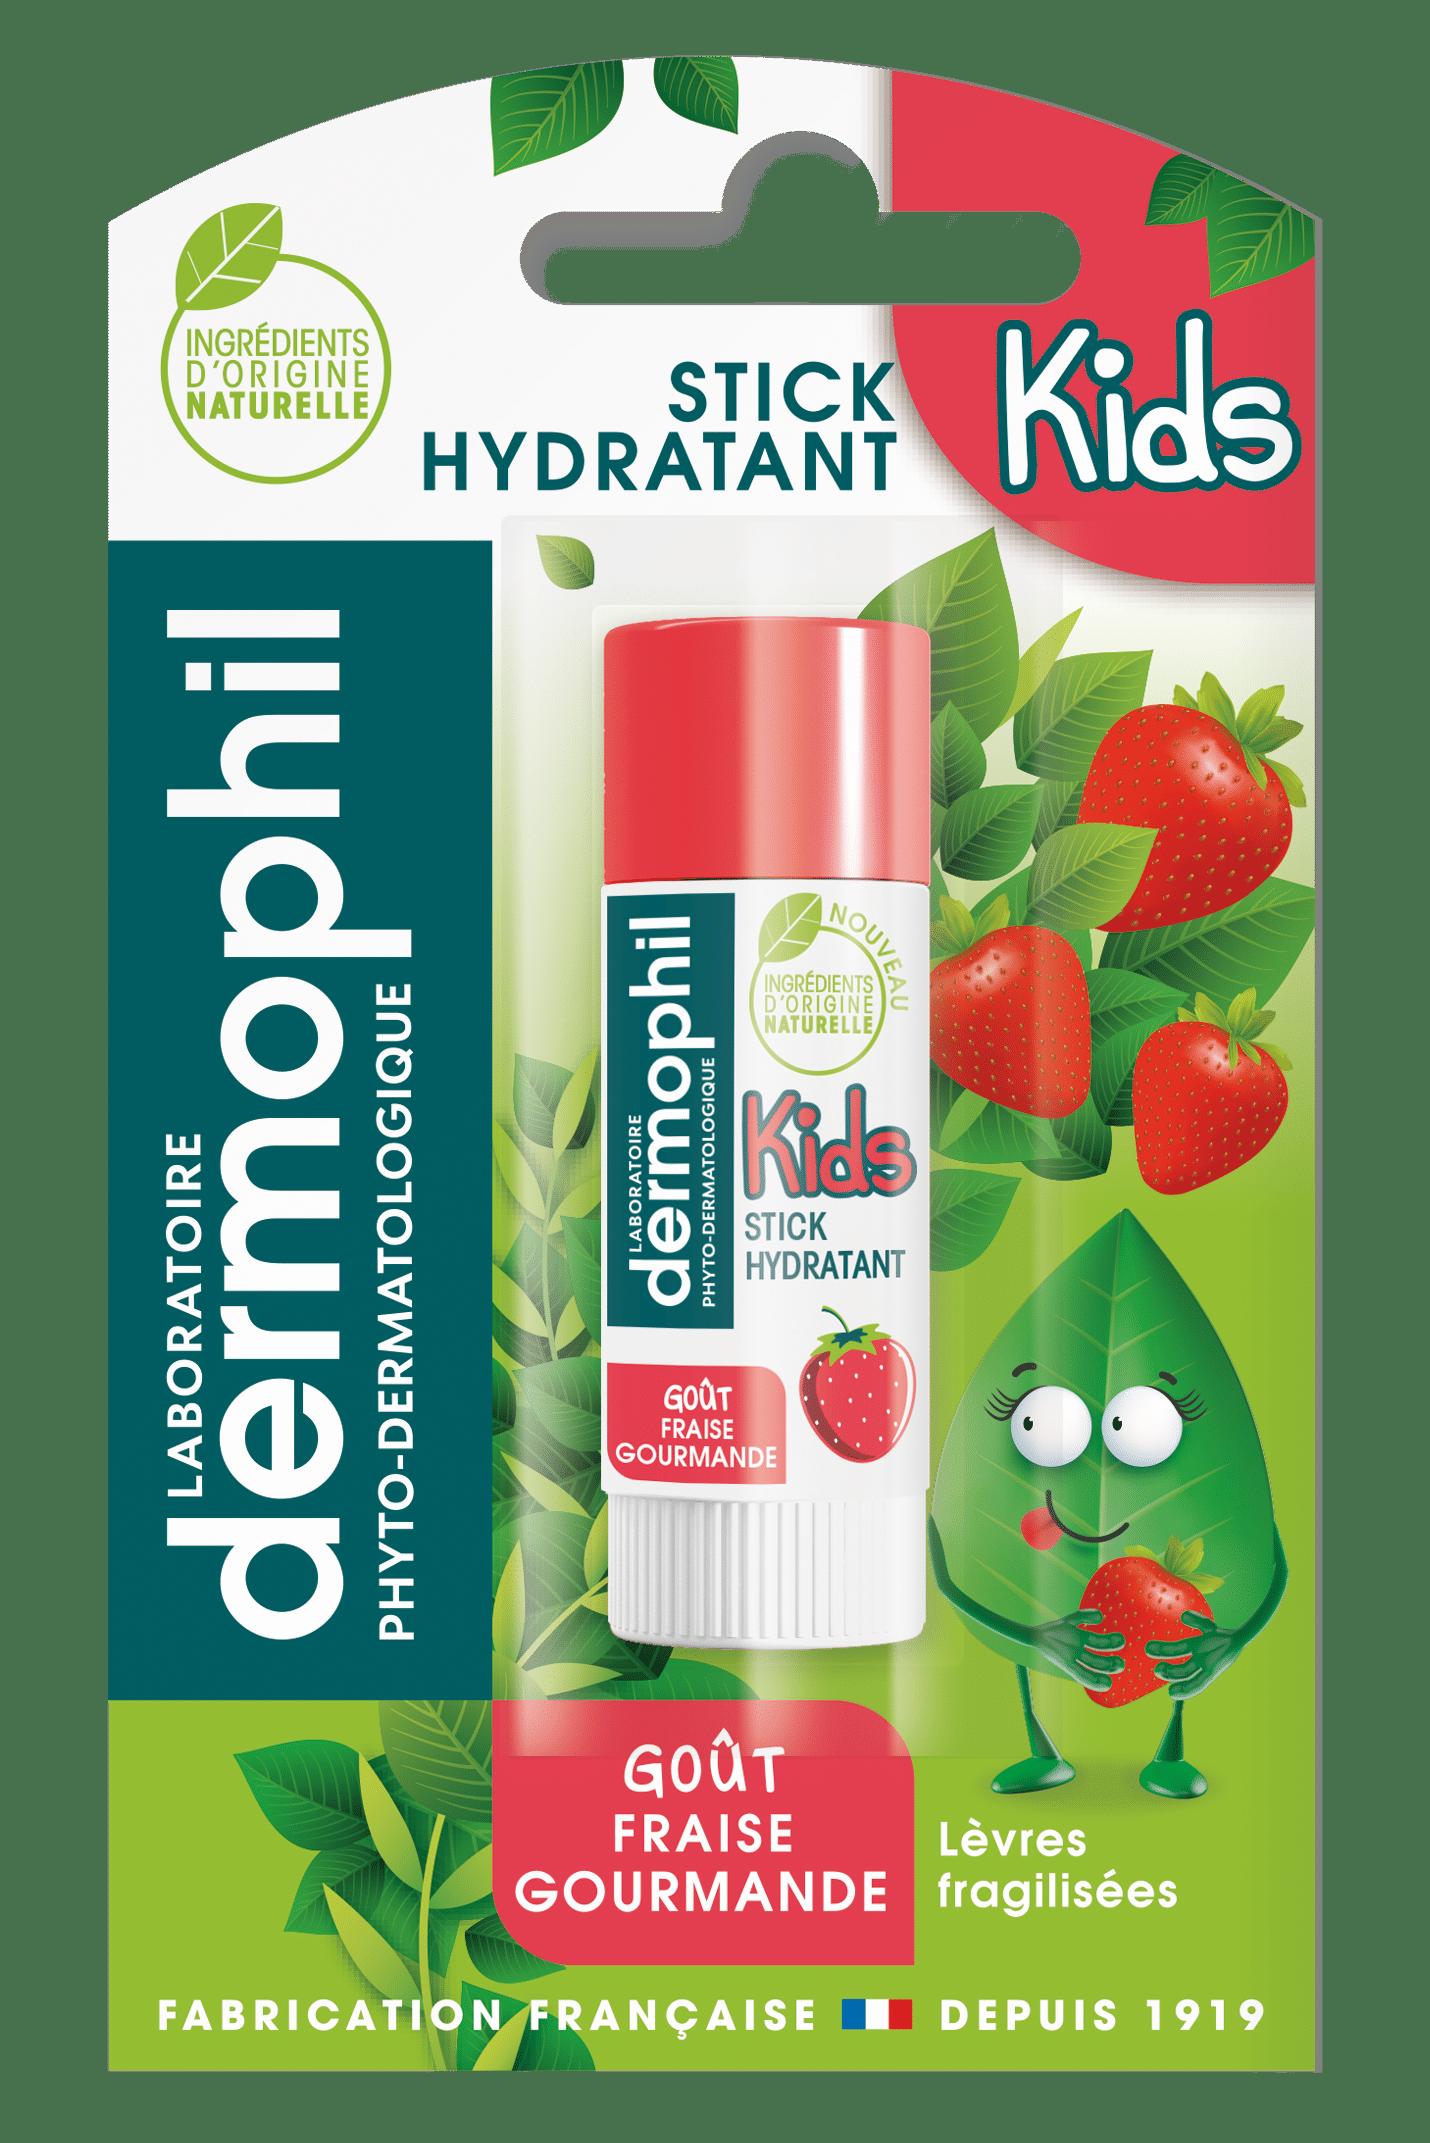 Soin des lèvres - Produits vendus en grande surface - Stick Fraise Gourmande - Dermophil